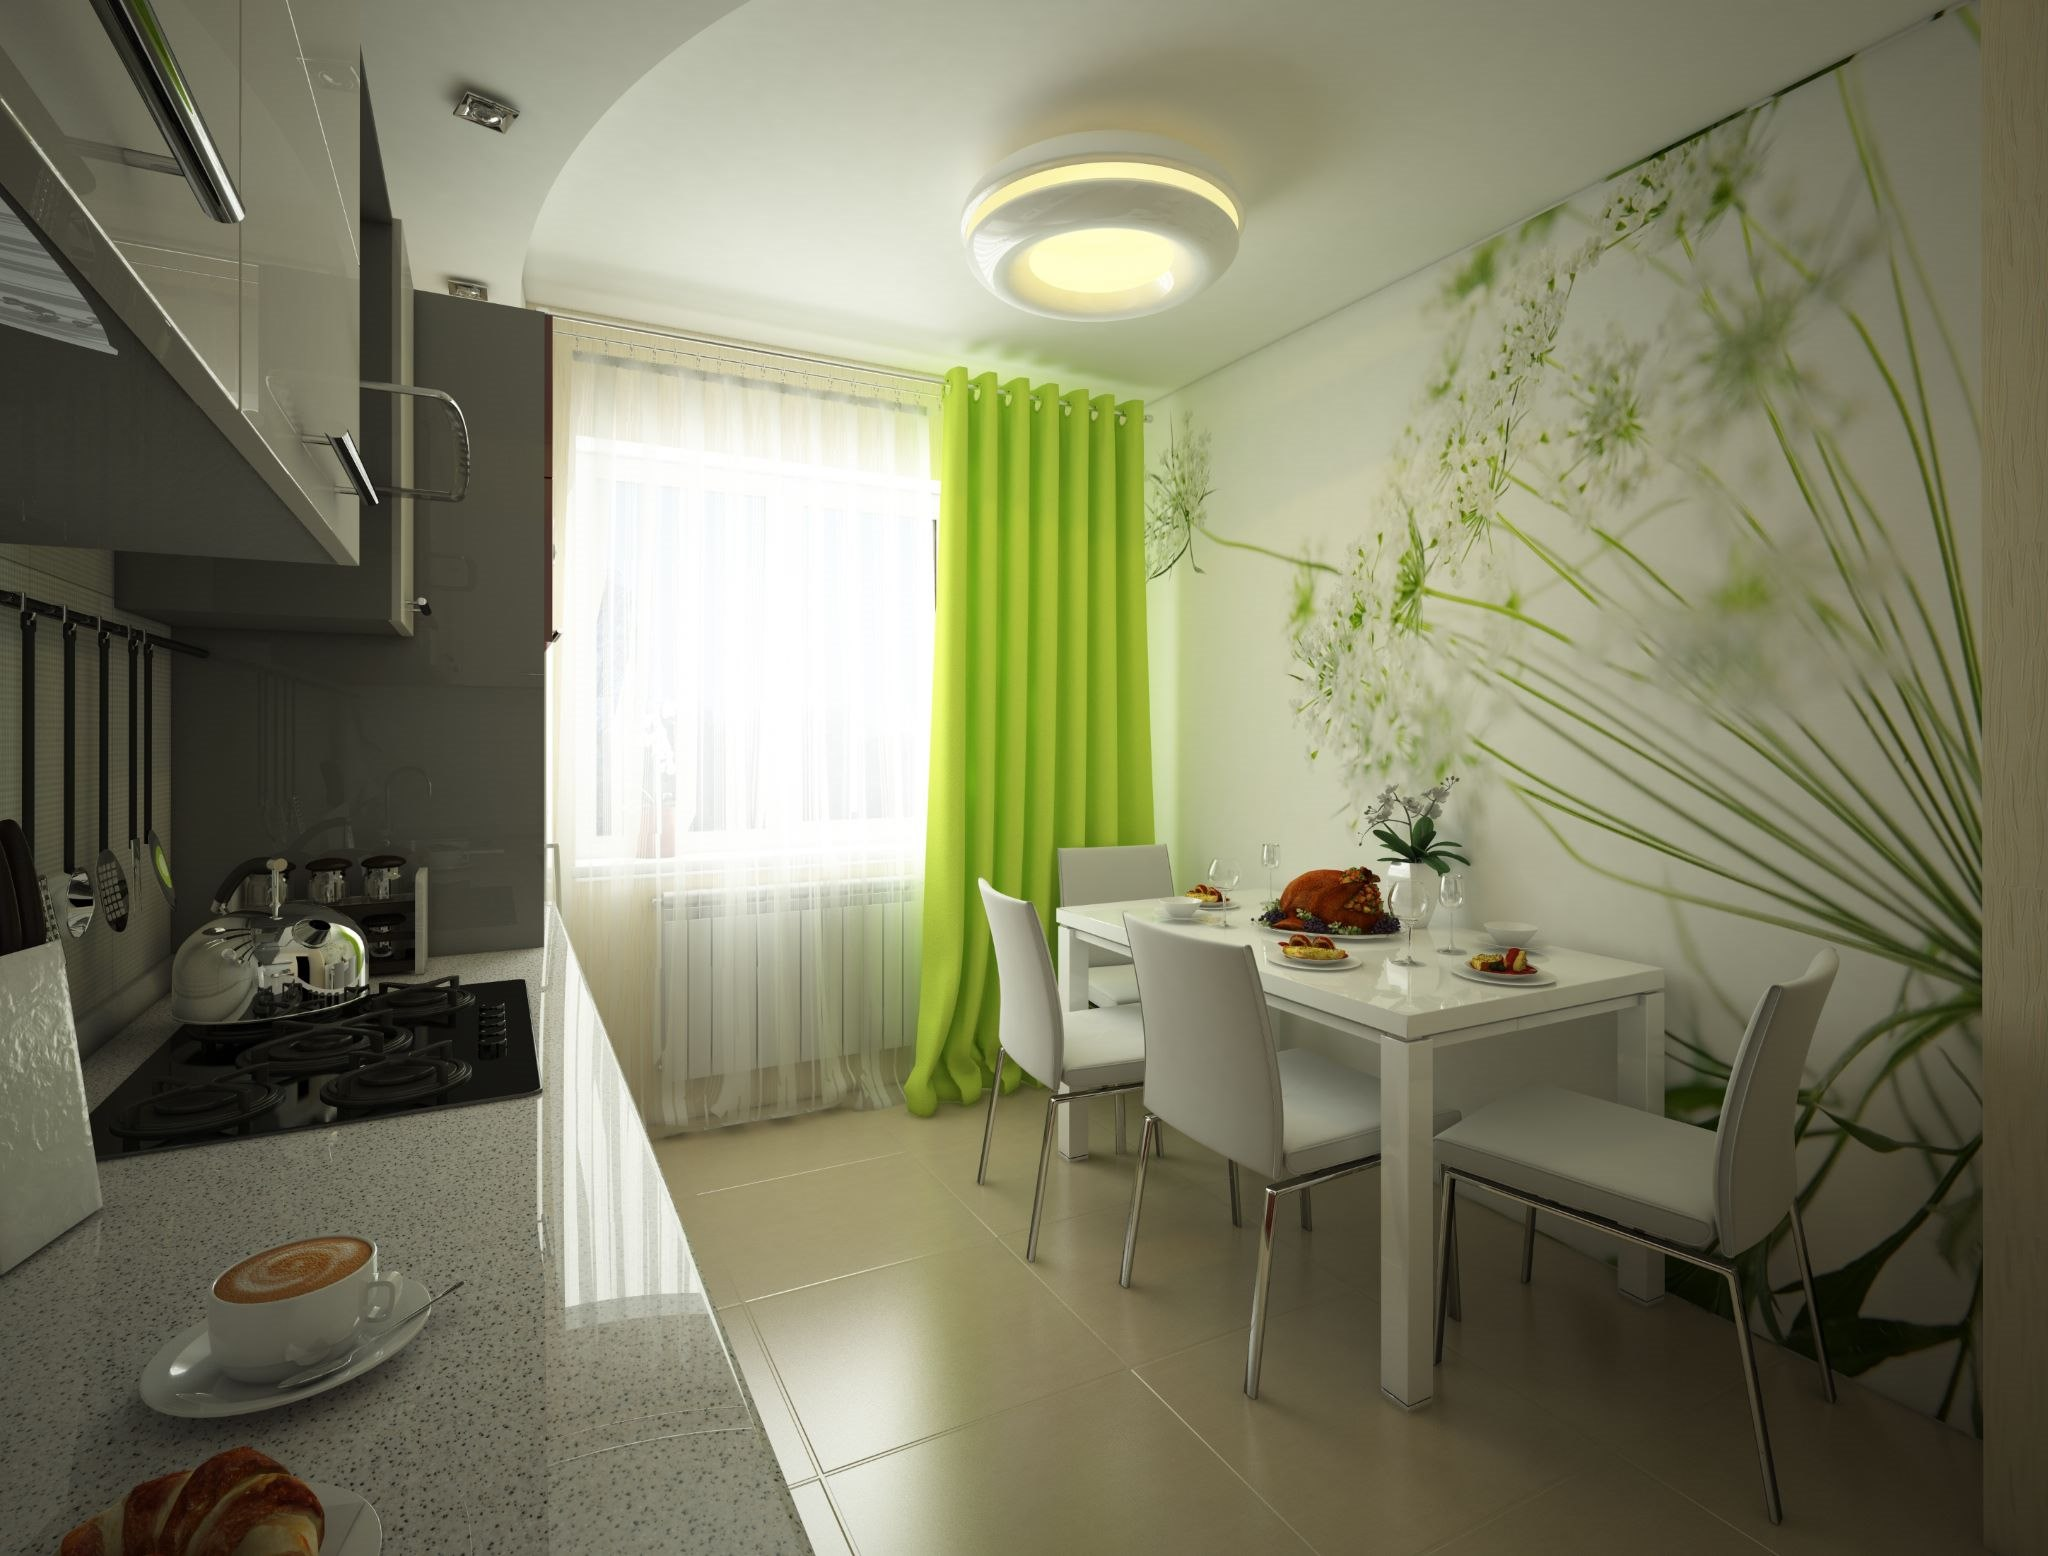 Идея фото кухни 17 кв.м